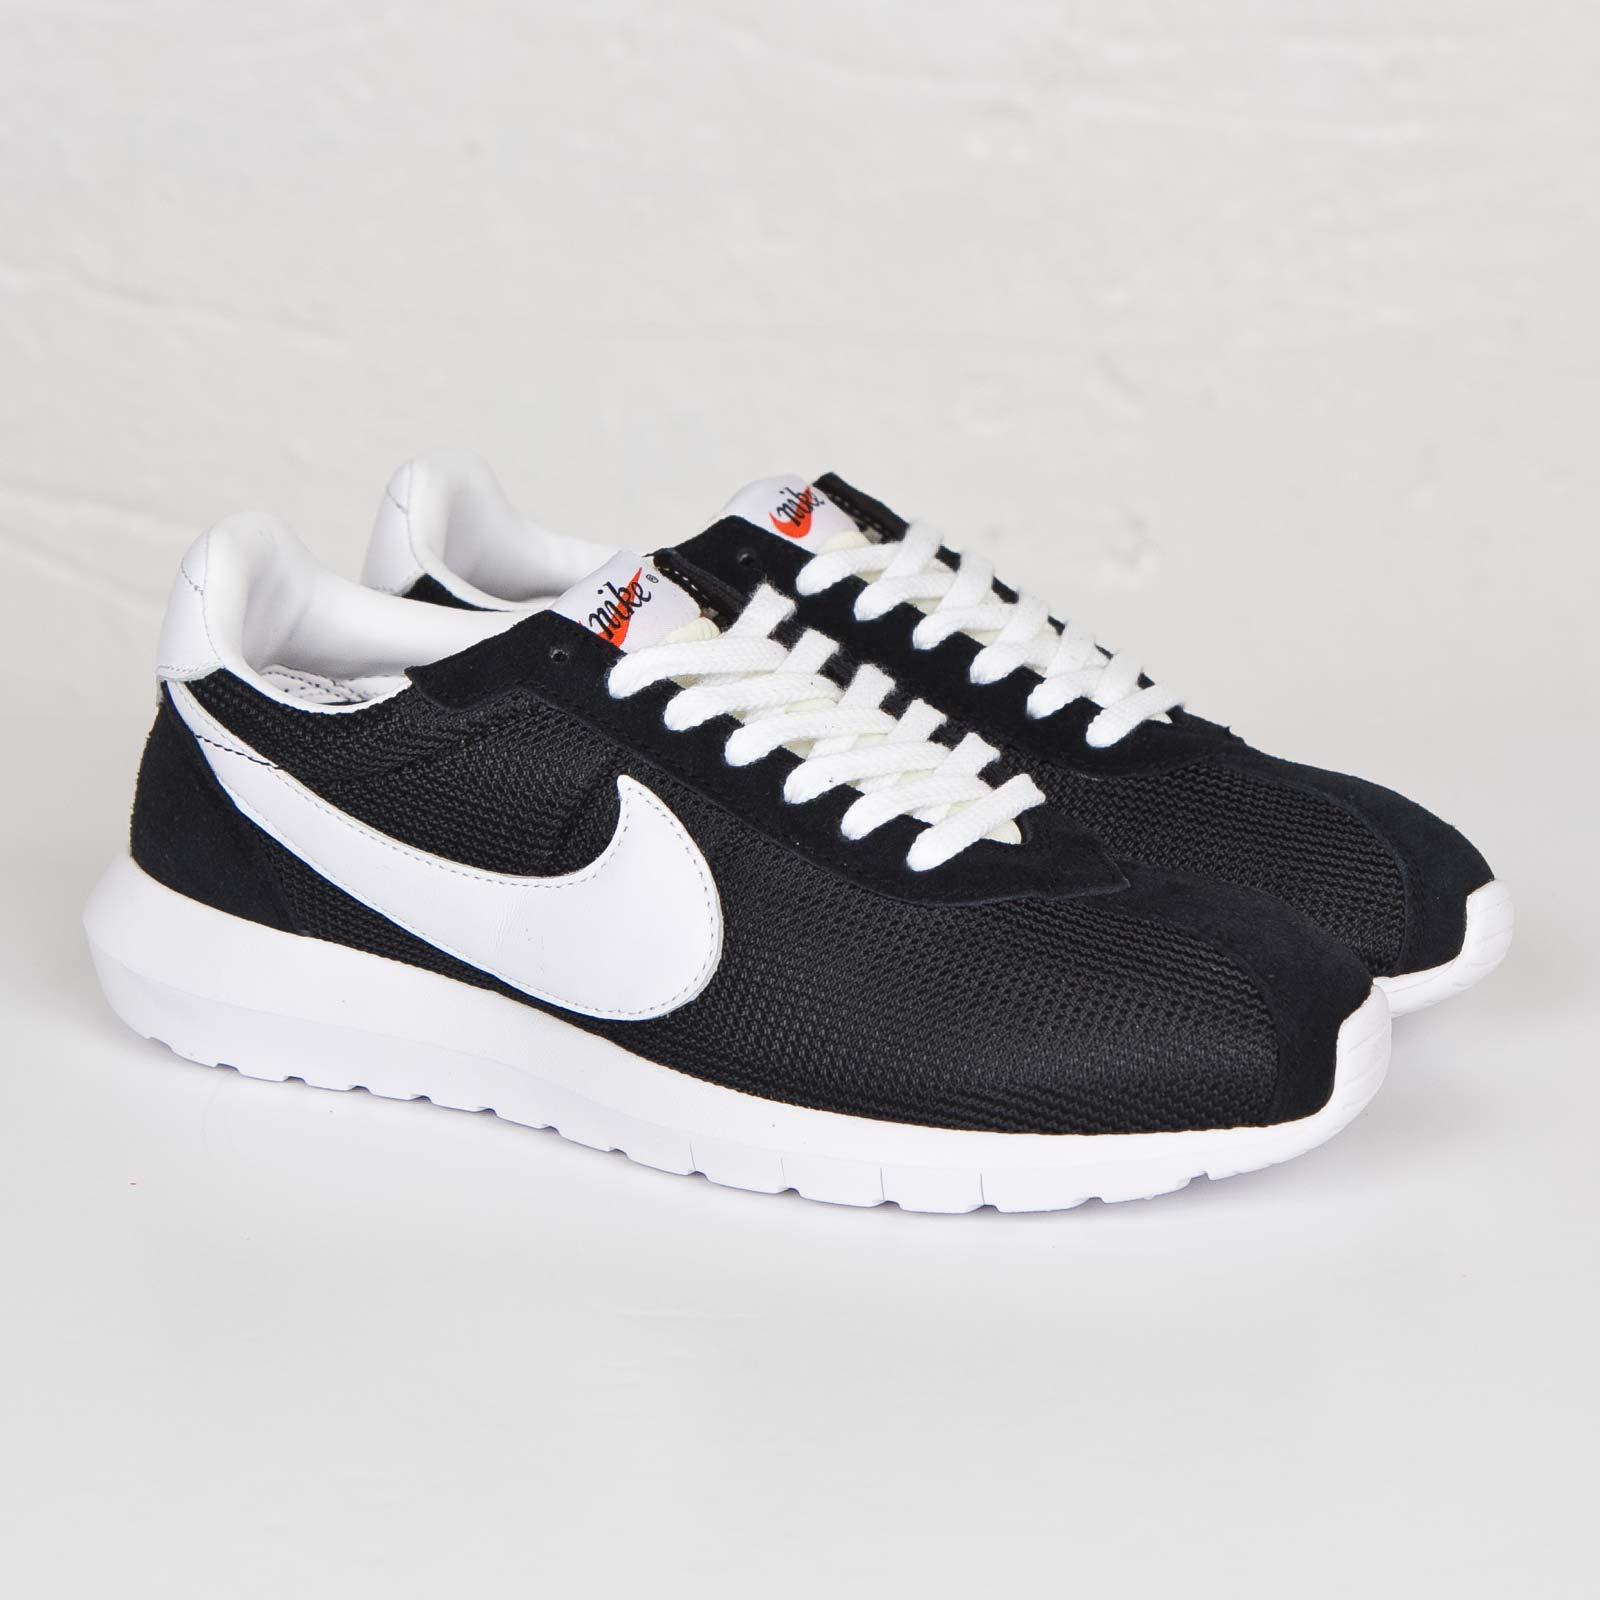 best website 51a13 6e9e7 Nike Roshe LD-1000 QS